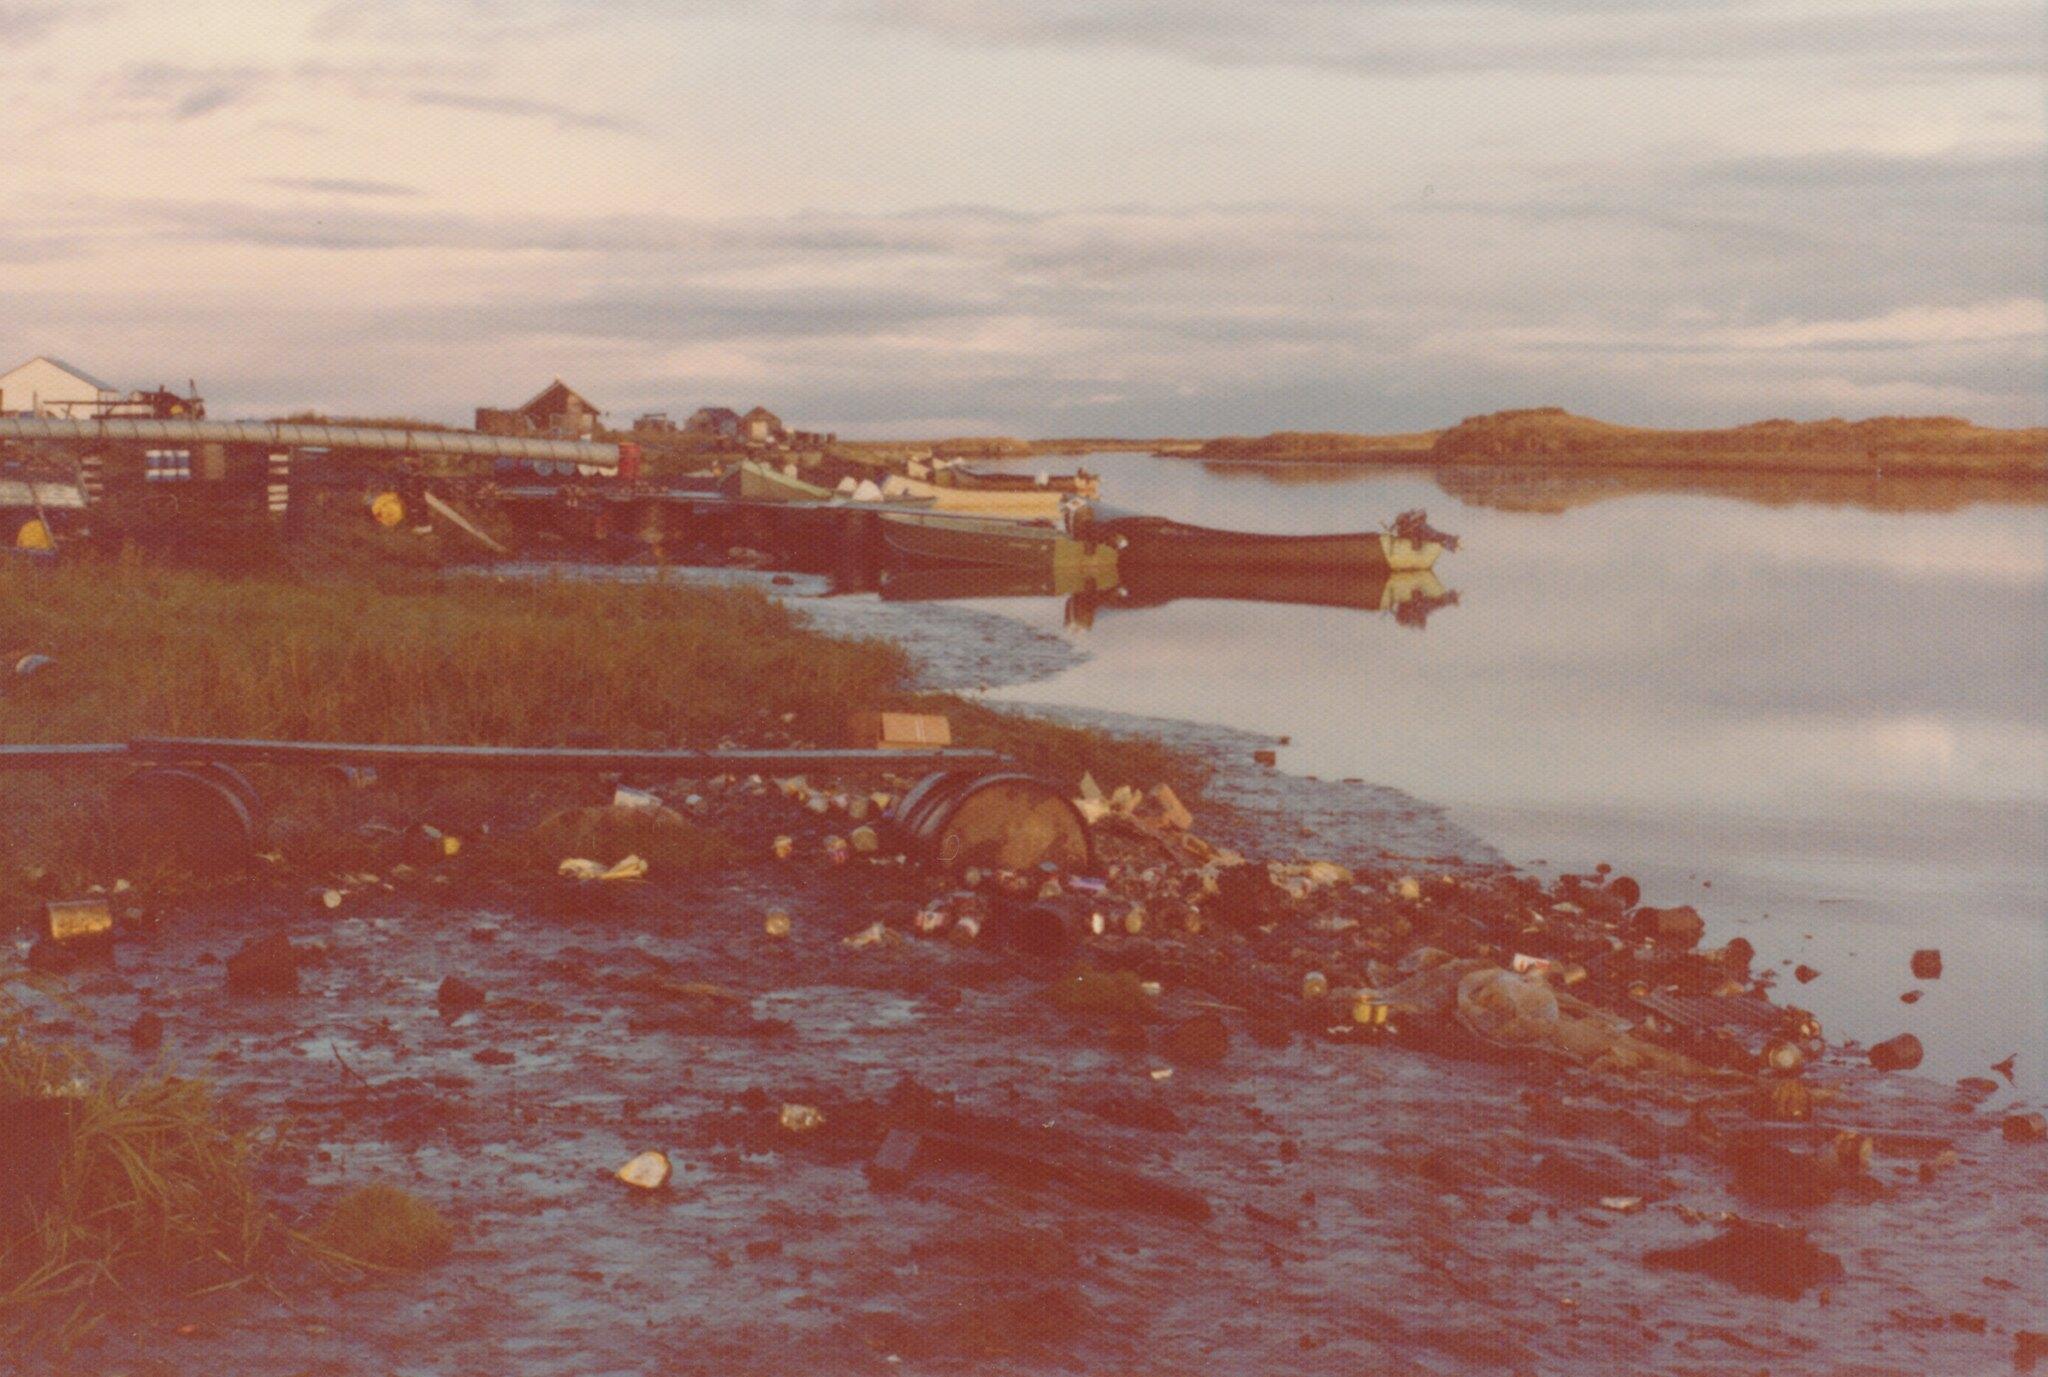 Villaggio eschimese cancellato dai cambiamenti climatici